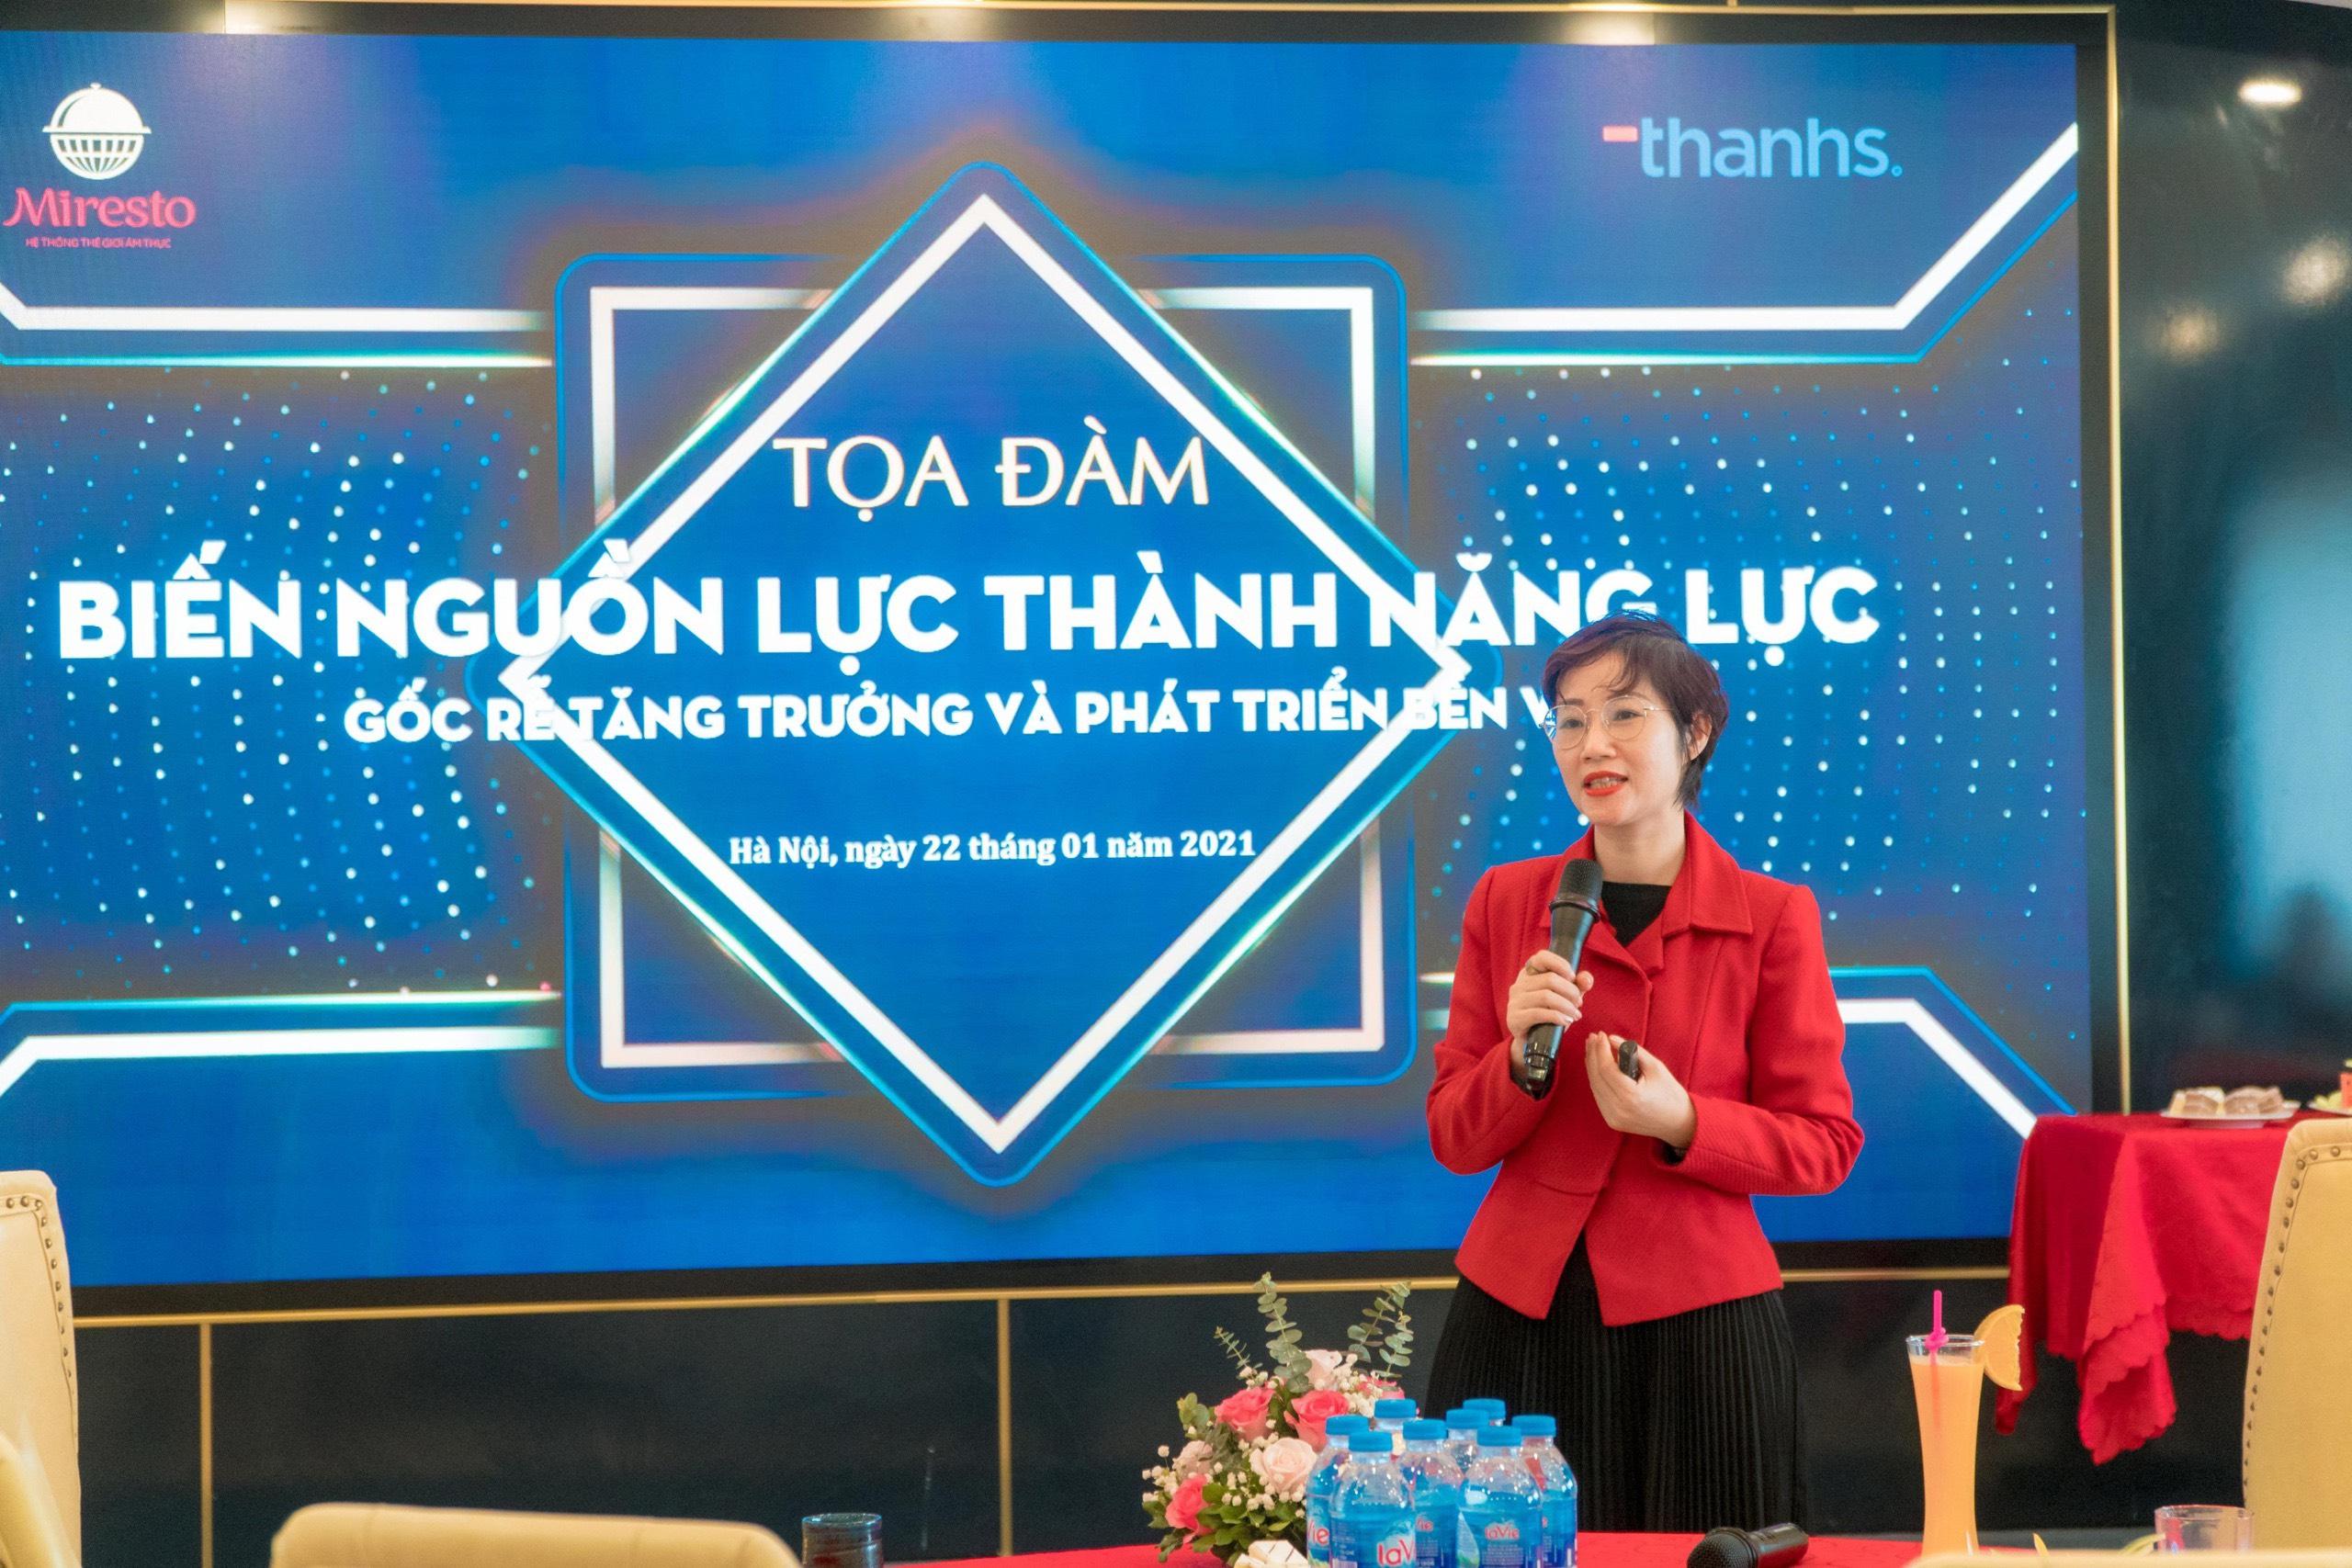 Chuyên gia Đặng Thanh Vân đã trình bày những kiến giải hoàn toàn mới về gốc rễ của sự tăng trưởngChuyên gia Đặng Thanh Vân đã trình bày những kiến giải hoàn toàn mới về gốc rễ của sự tăng trưởng